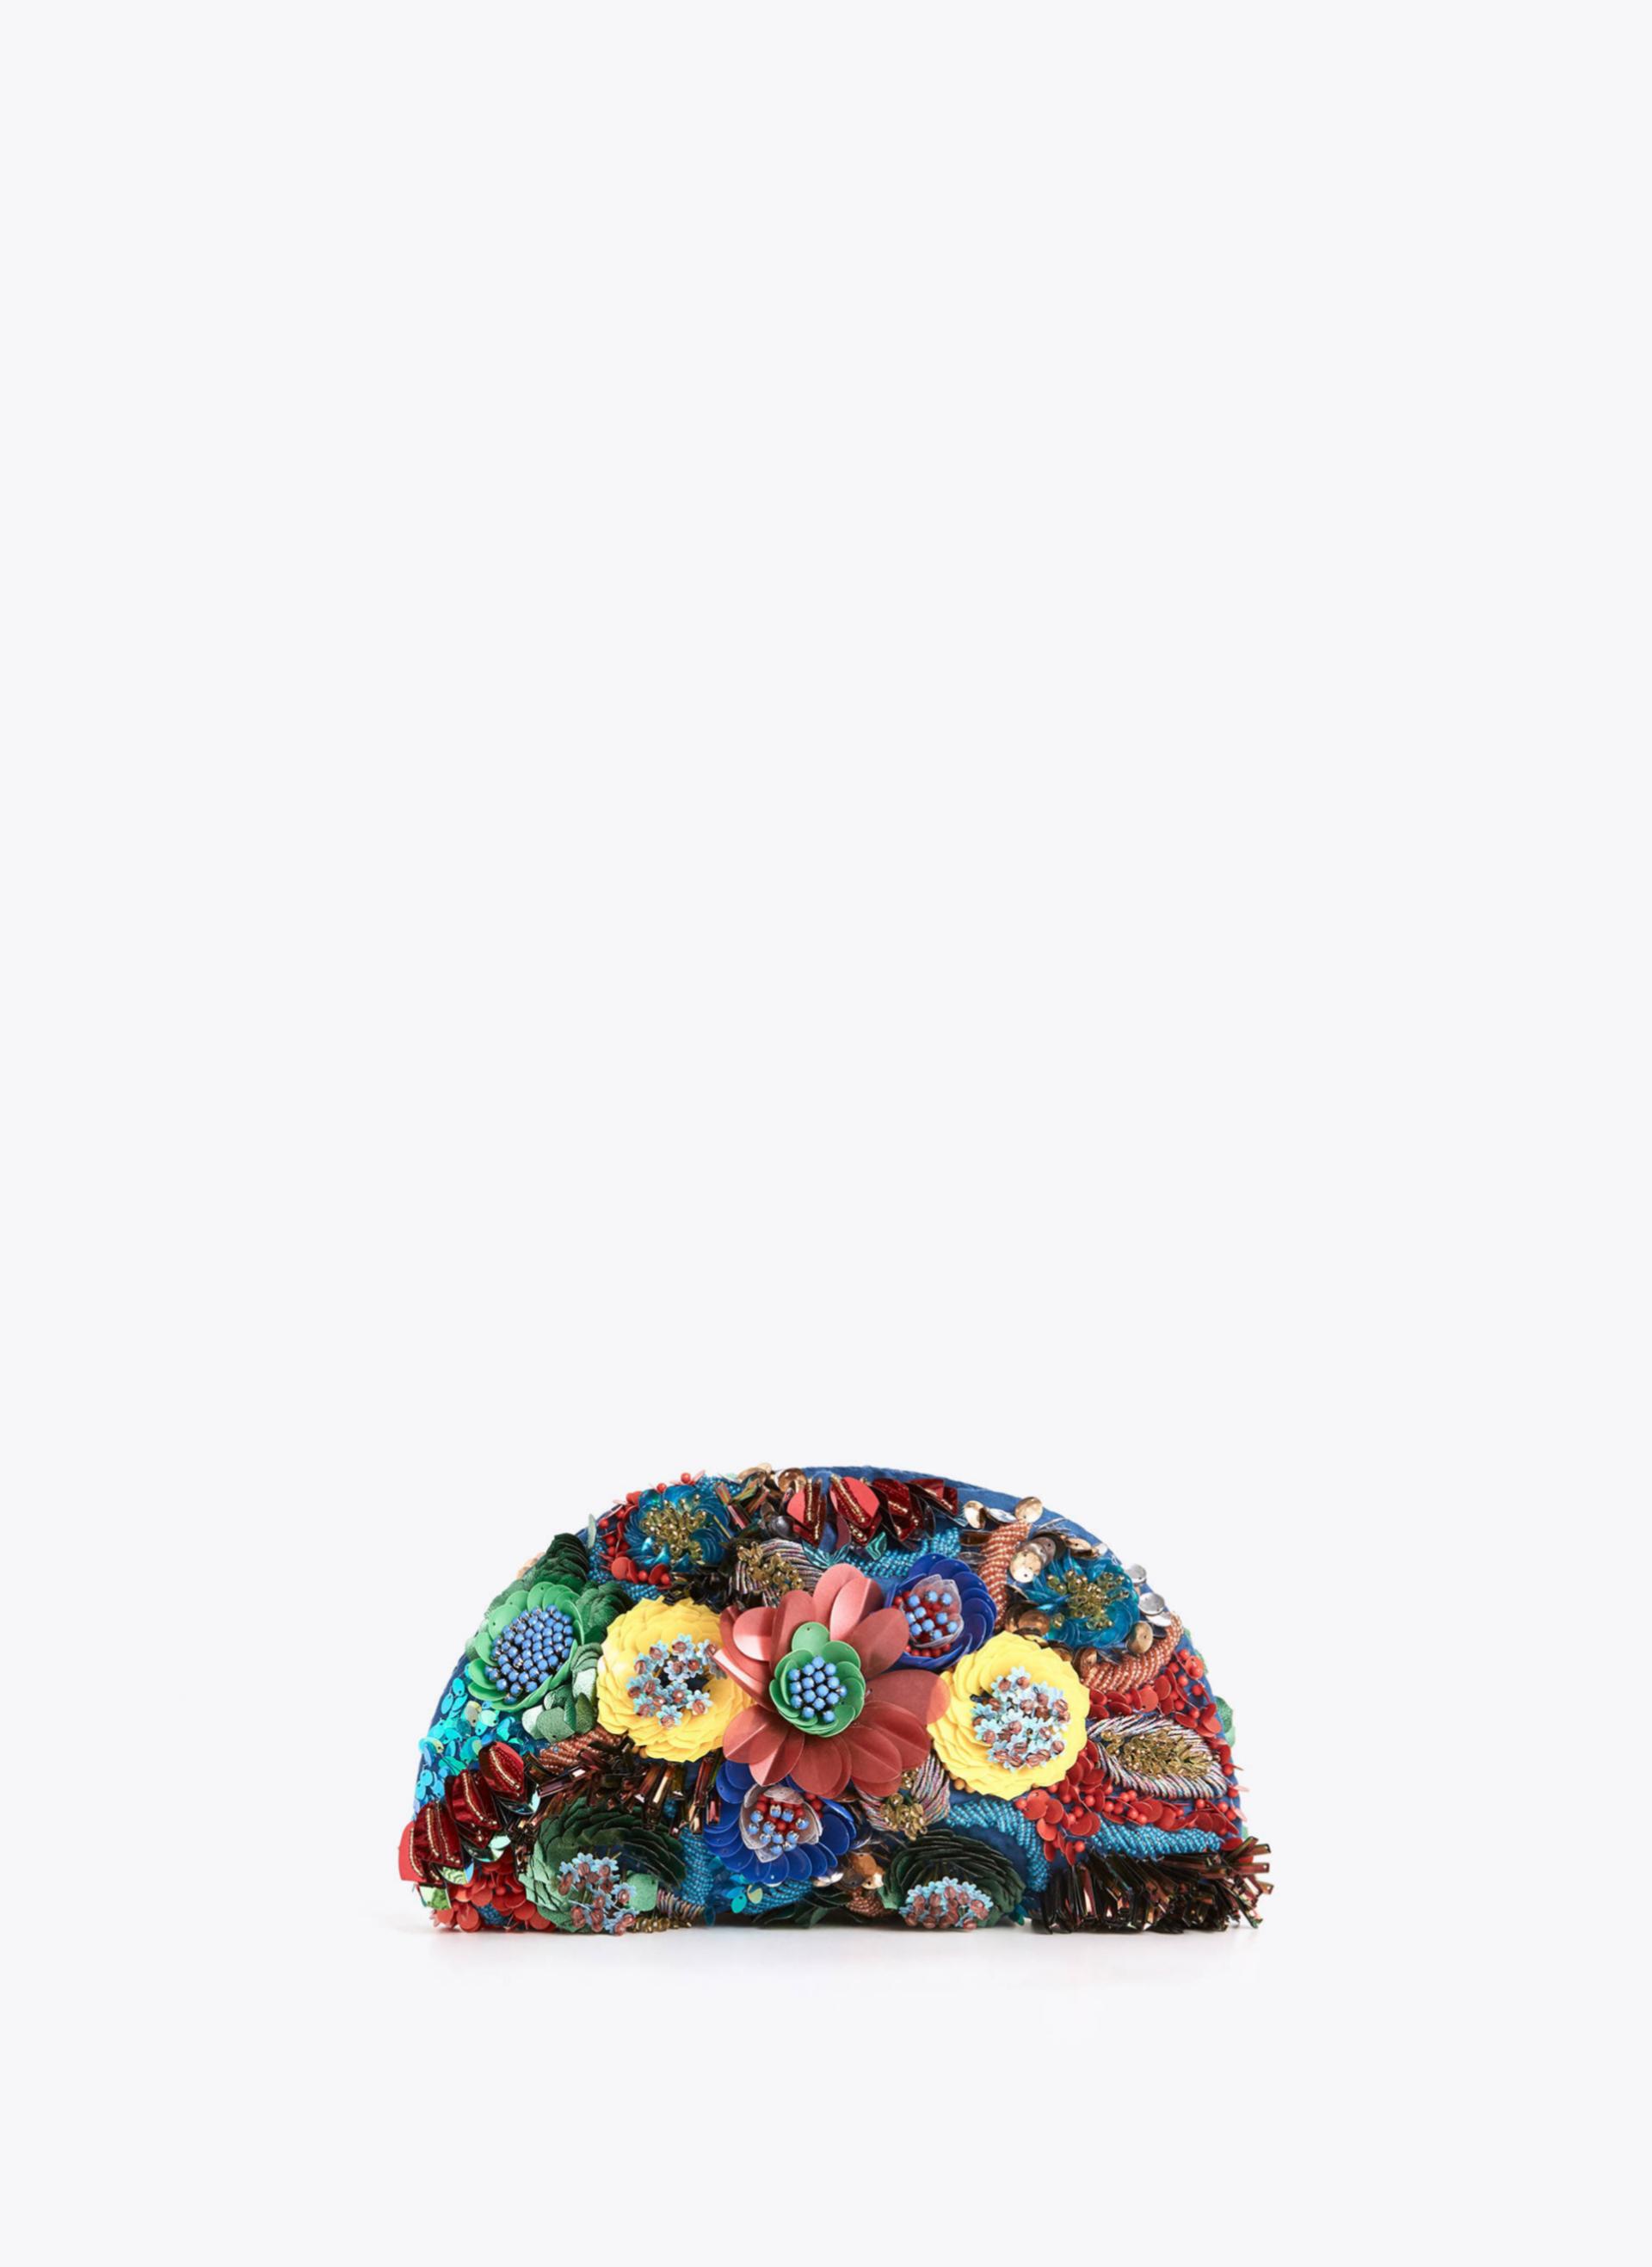 Clutch con flores bordadas y XL de Uterqüe (89¤)